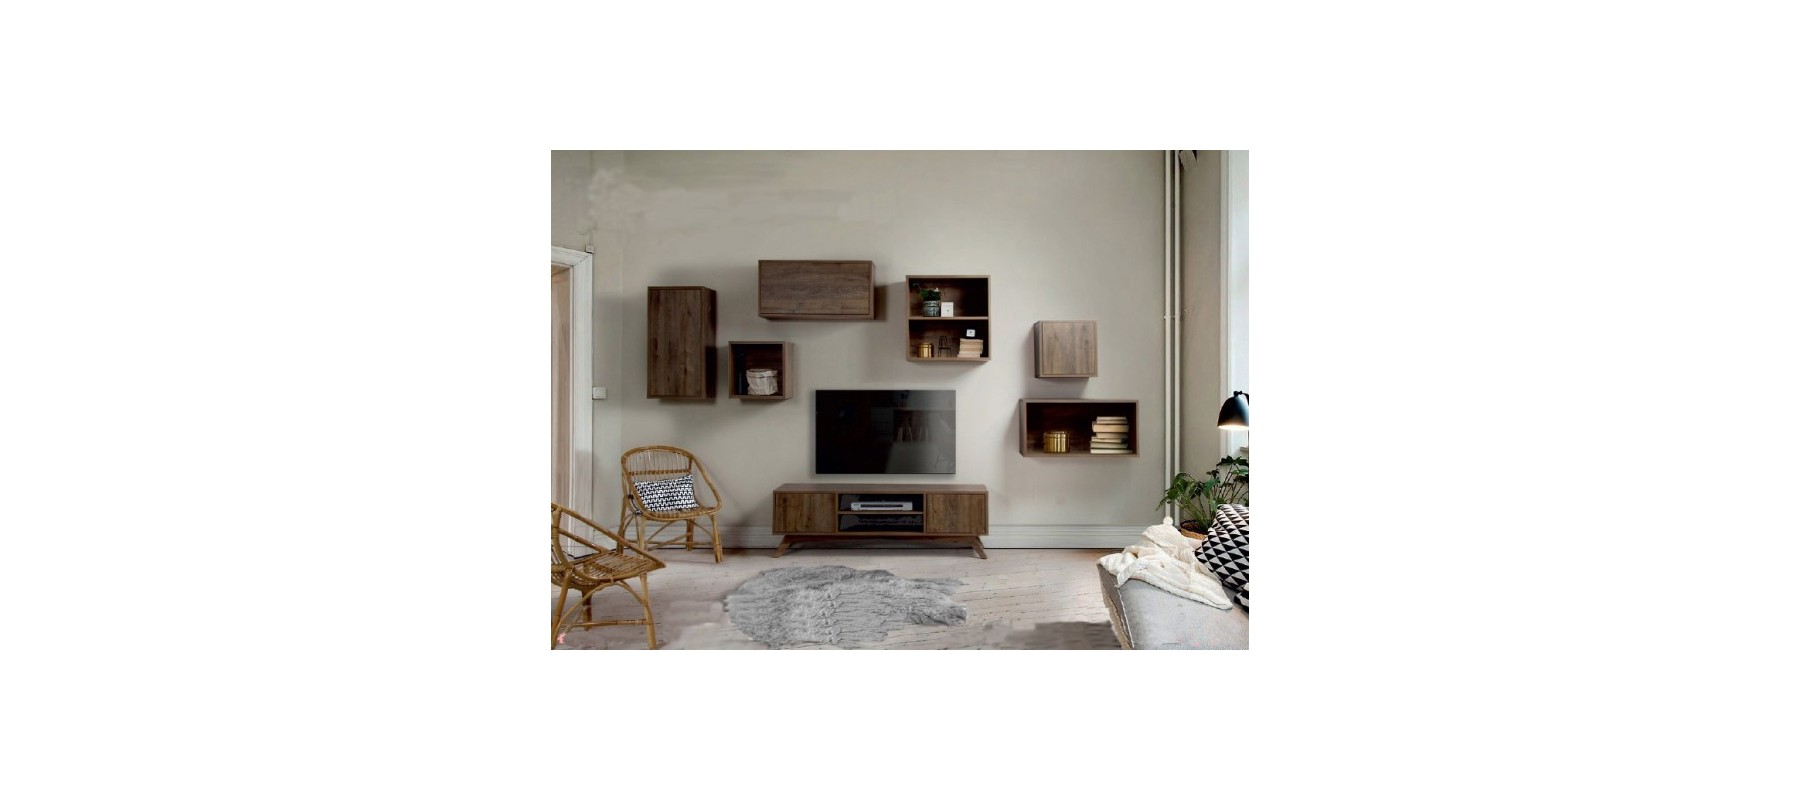 Mueble modular ref mom02 lumelar interiorismo y for Mueble modular